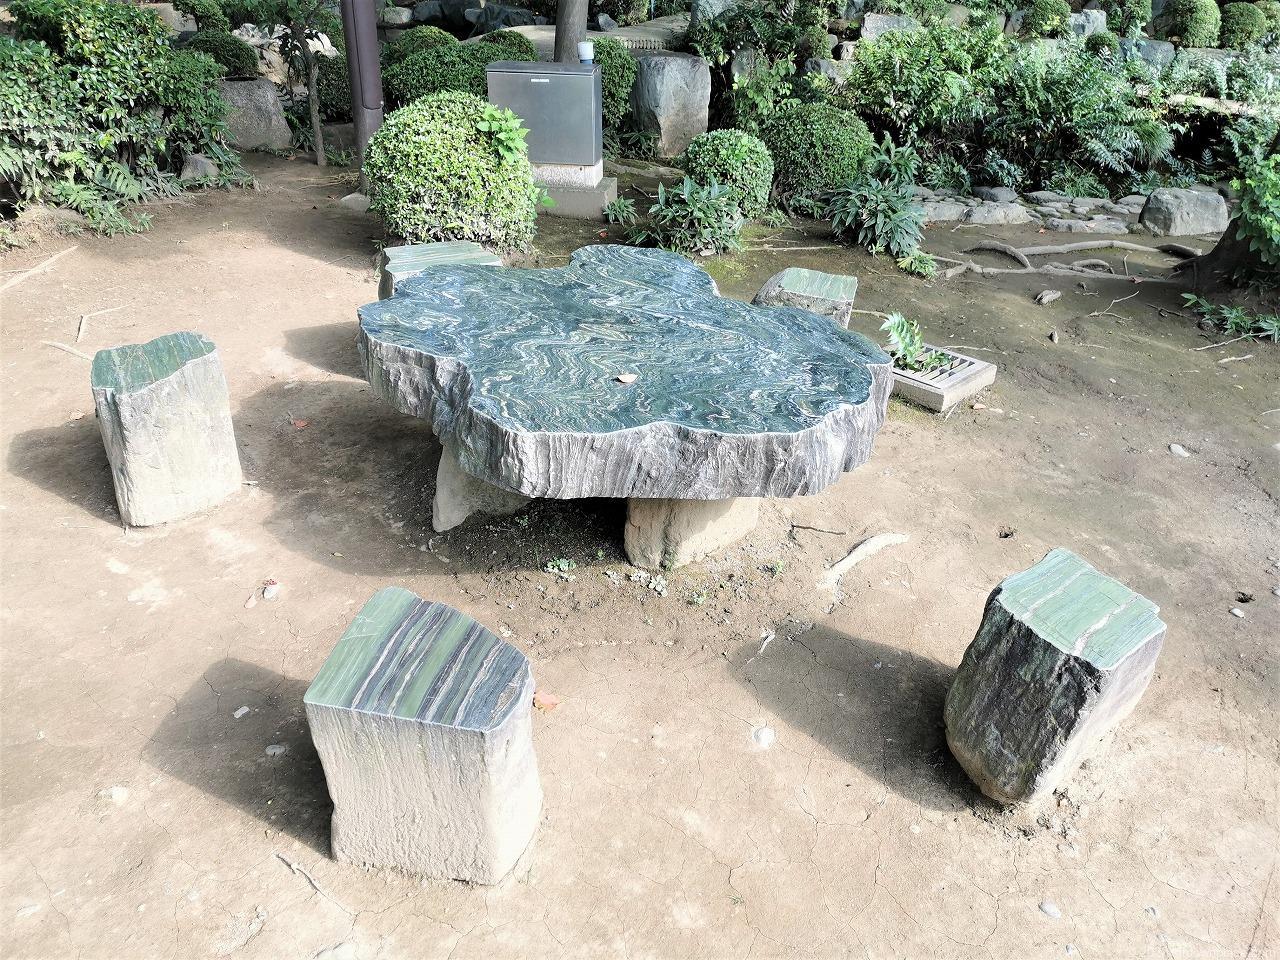 武蔵小杉駅 西明寺 鏡の池前の石材テーブルとスツール